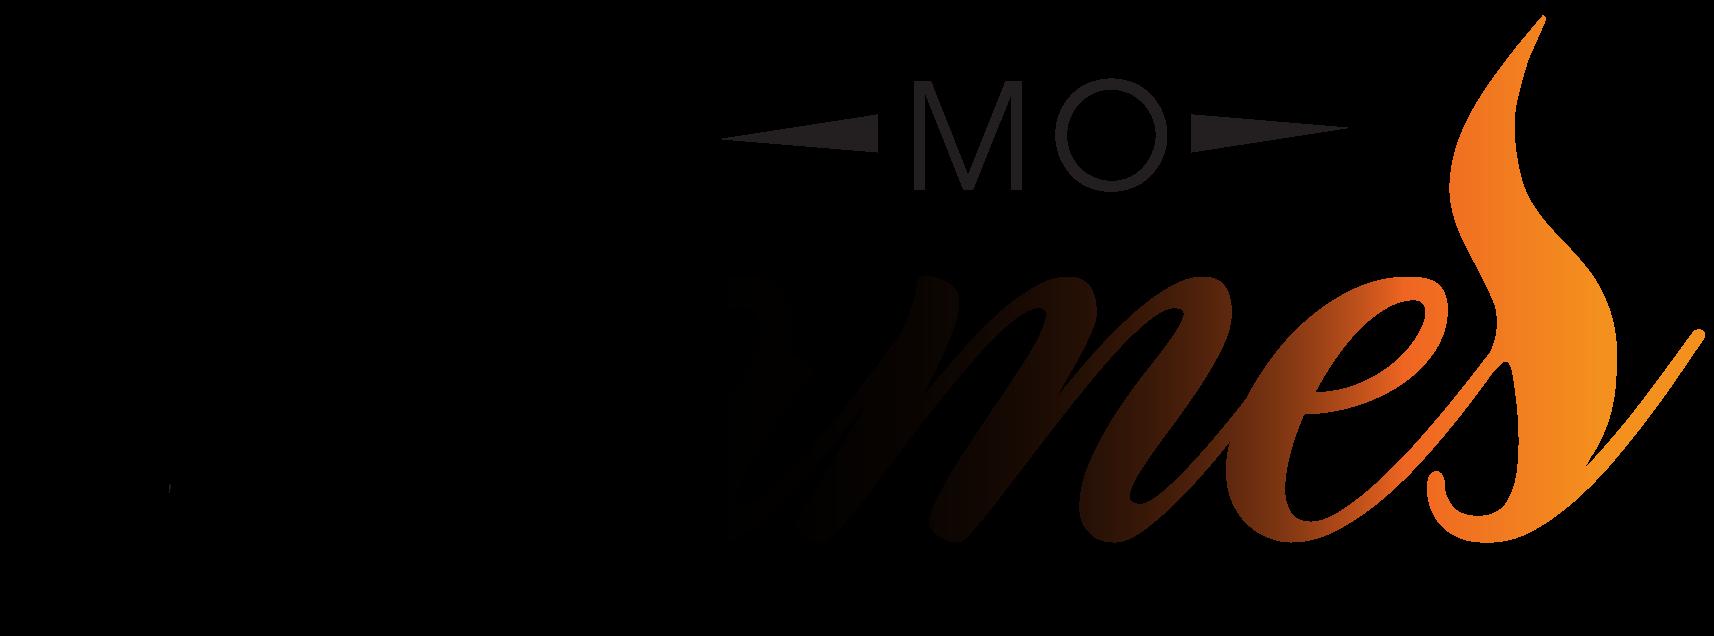 Mo Flames